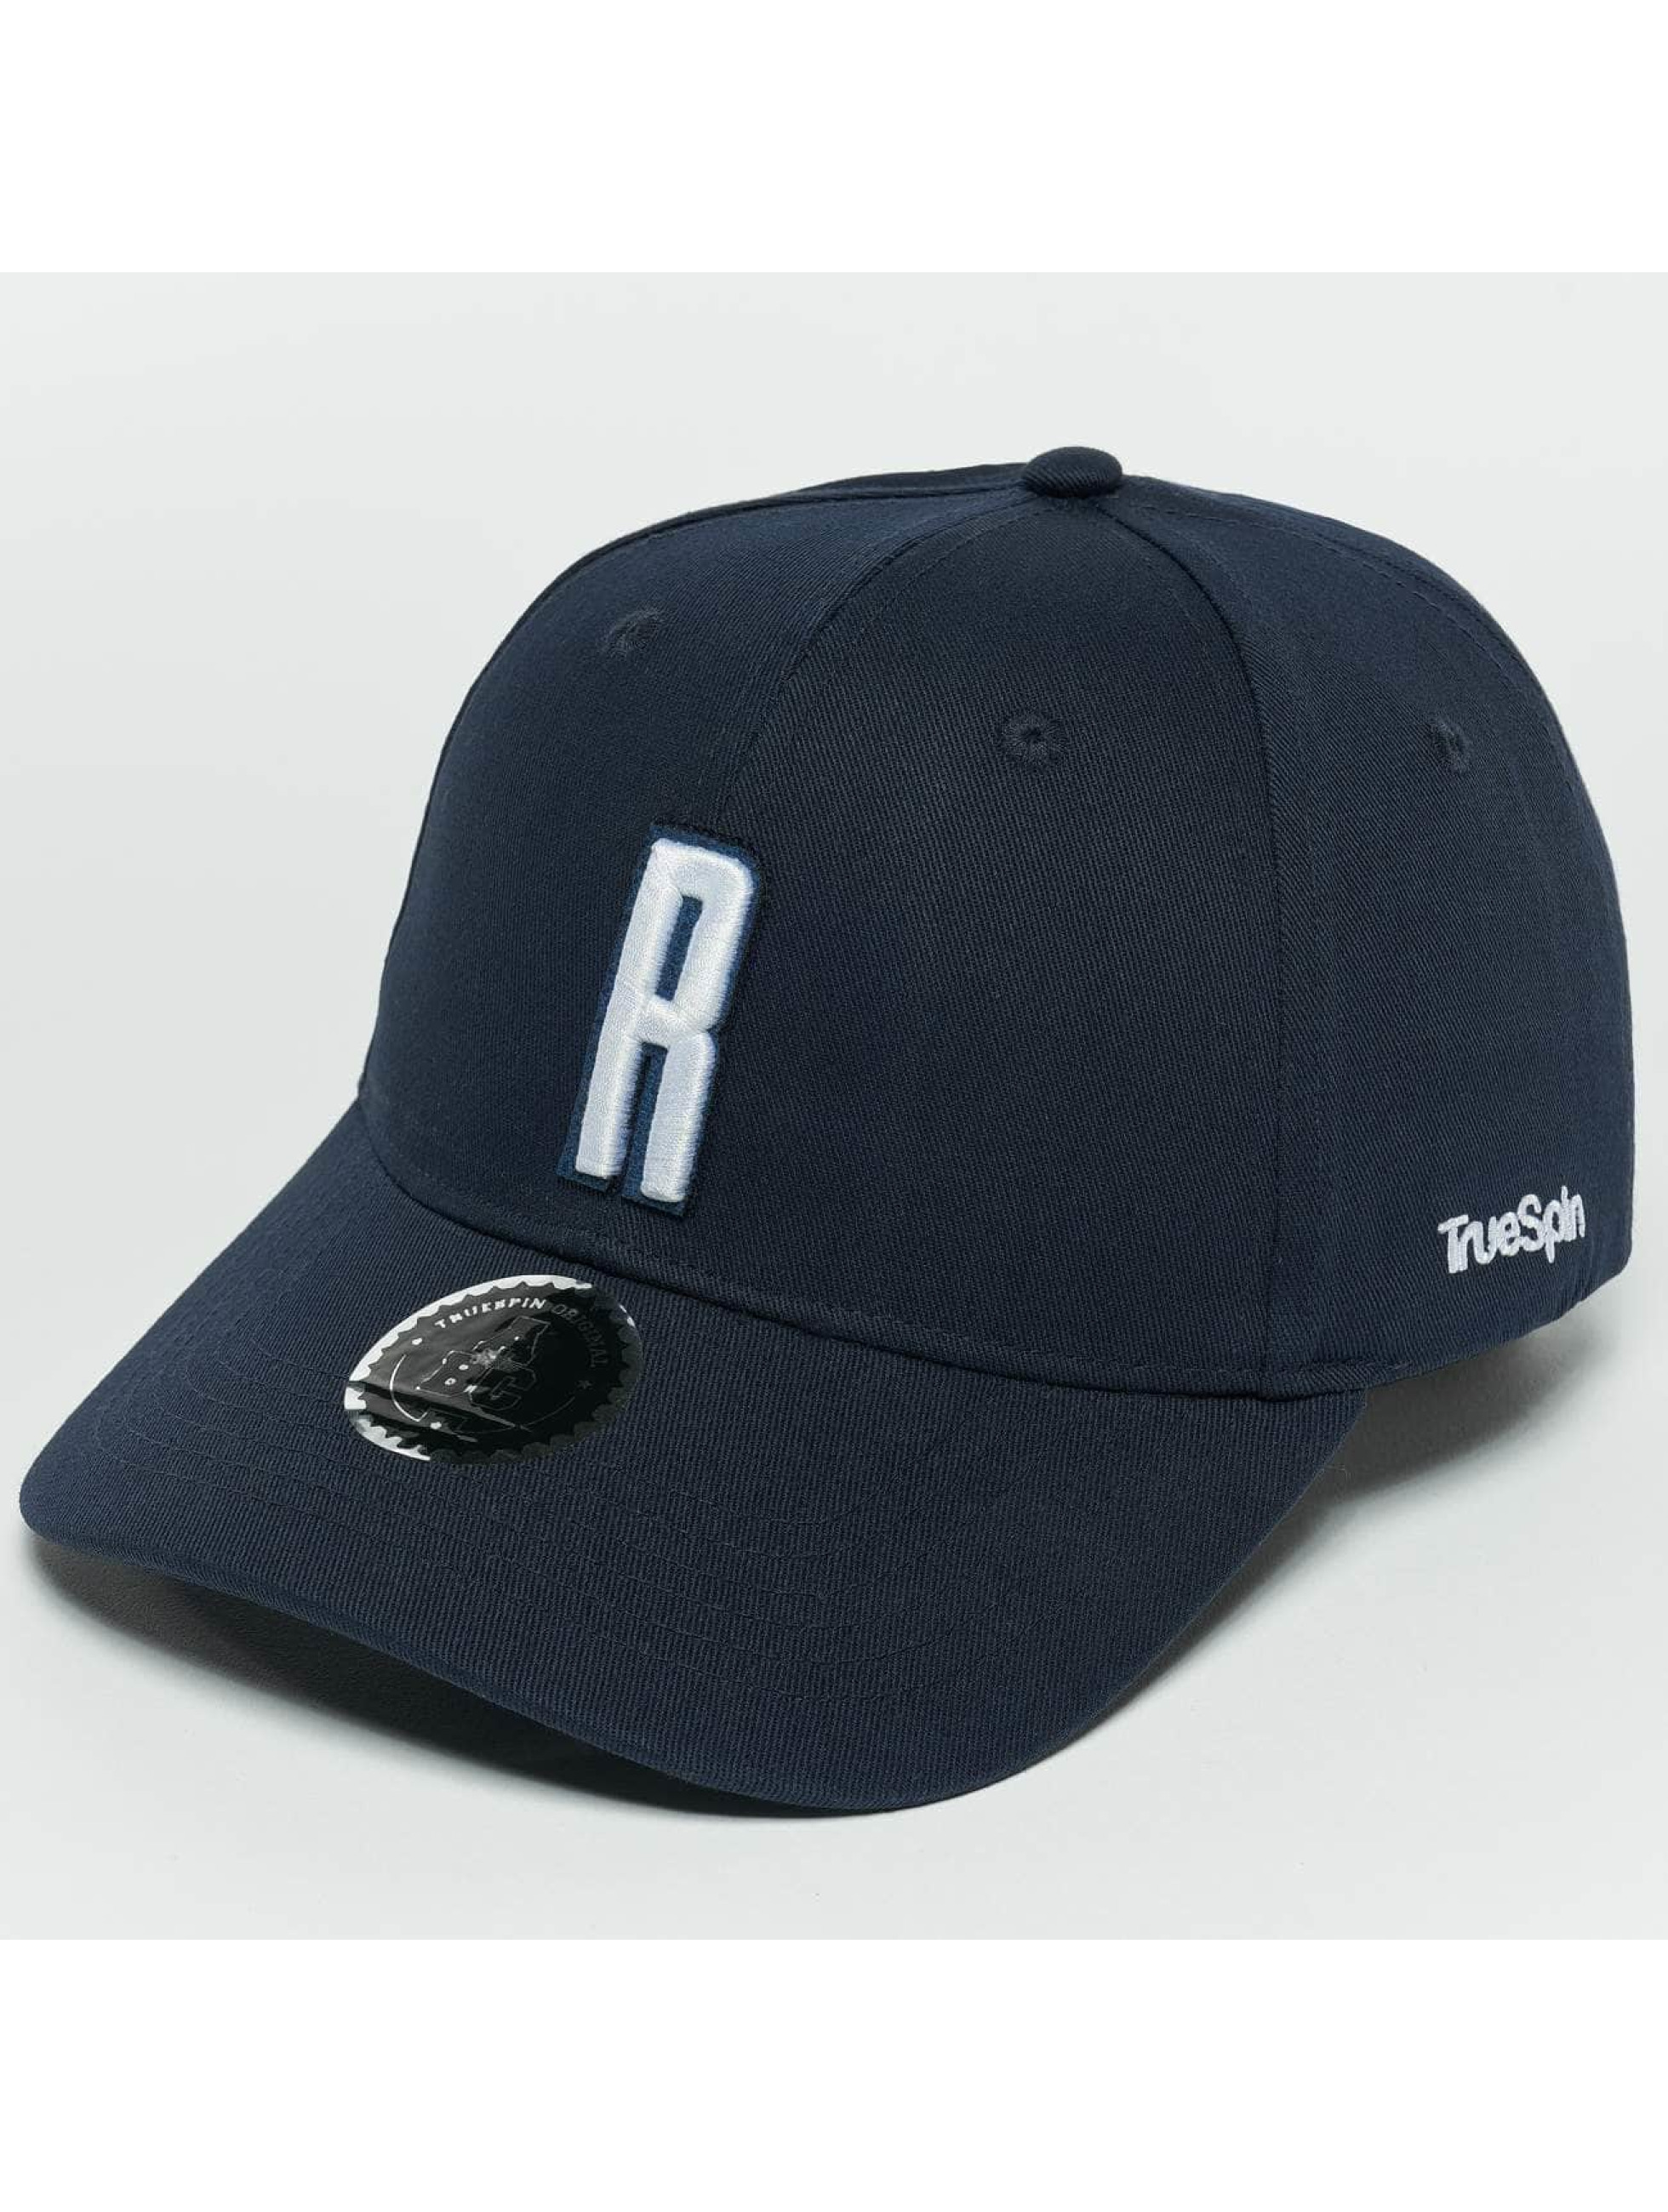 TrueSpin Snapback Caps ABC R sininen